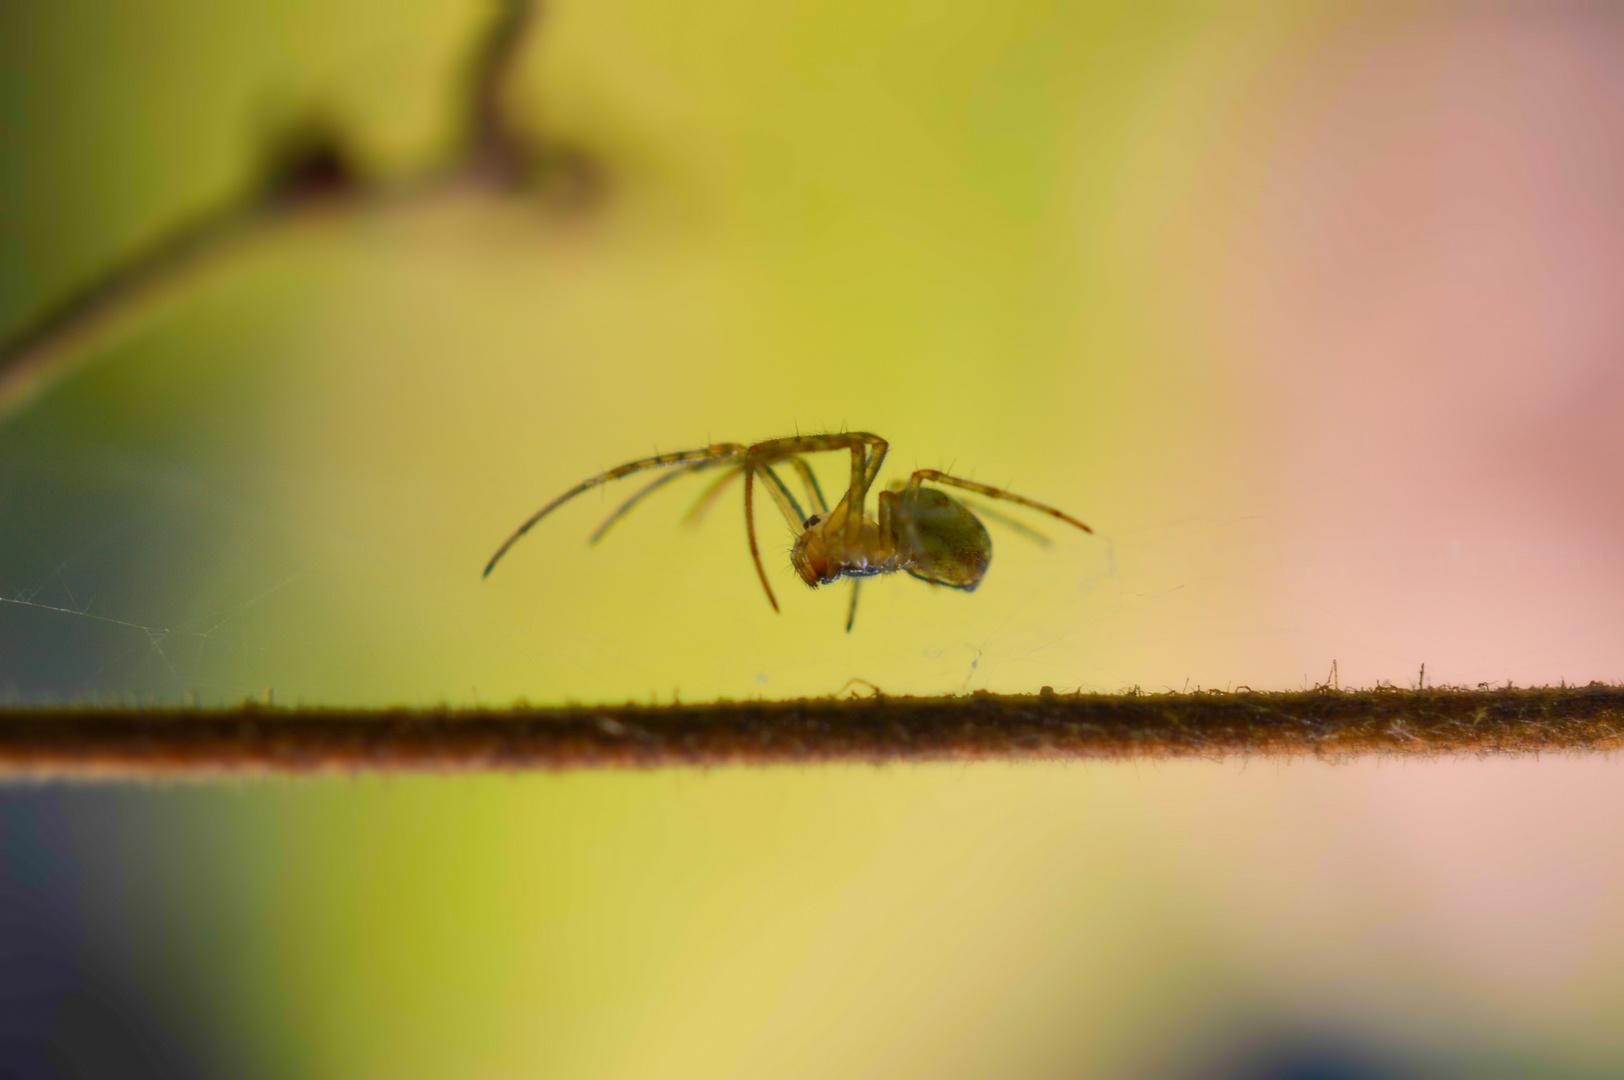 Schwebende Spinne